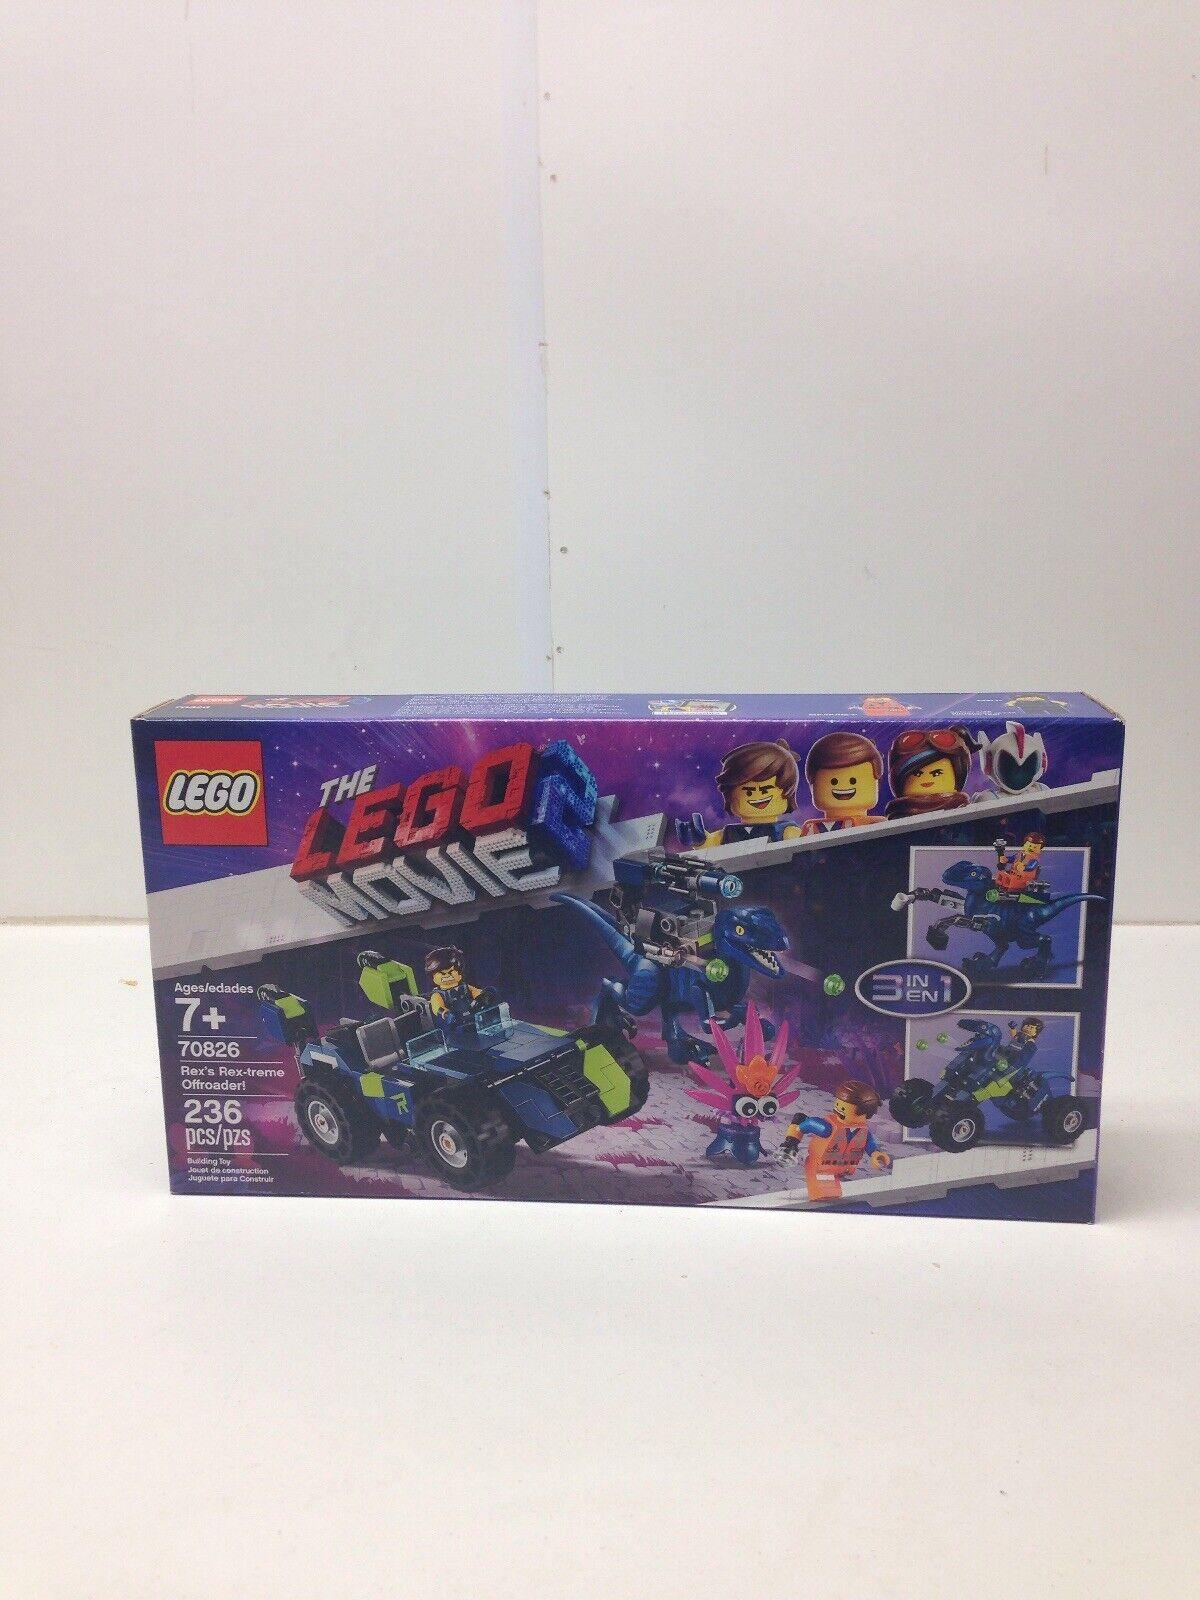 edizione limitata Nuovo Nuovo Nuovo LEGO The Lego Movie 2 Rex's Rex-treme Offstradaer  70826  il miglior servizio post-vendita